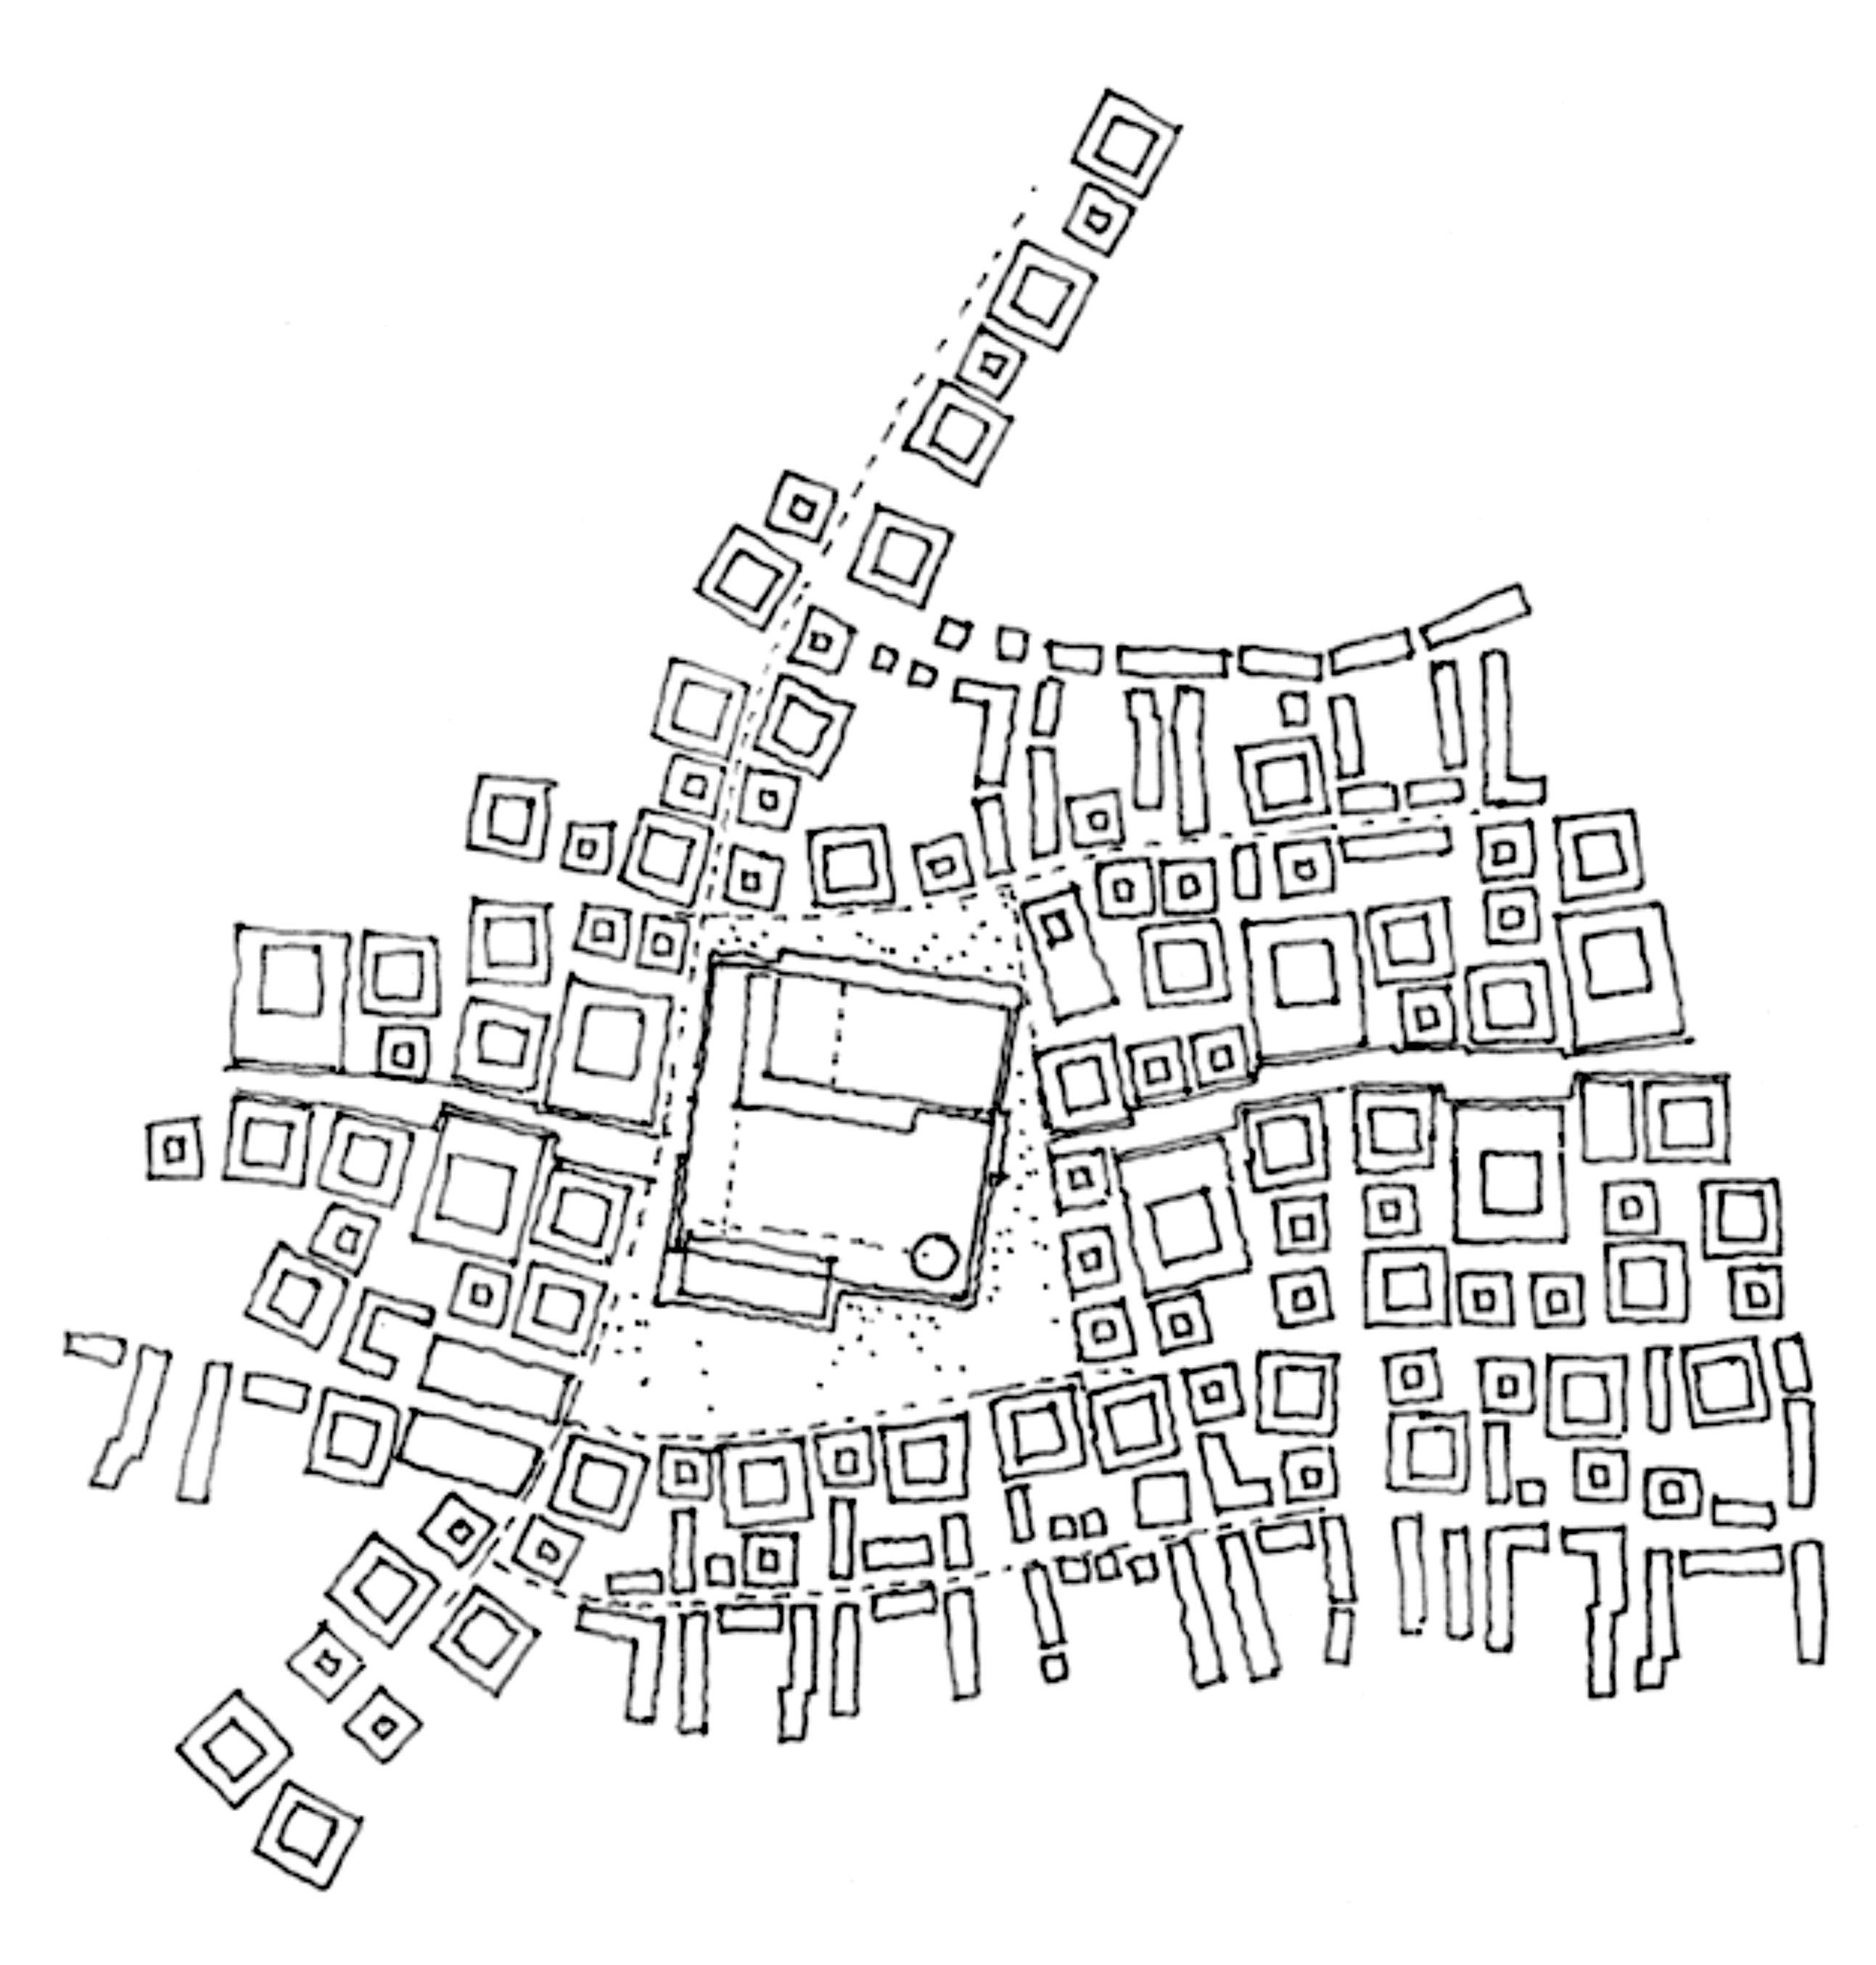 Master Plan Drawings: Nalanda University Masterplan Drawings.